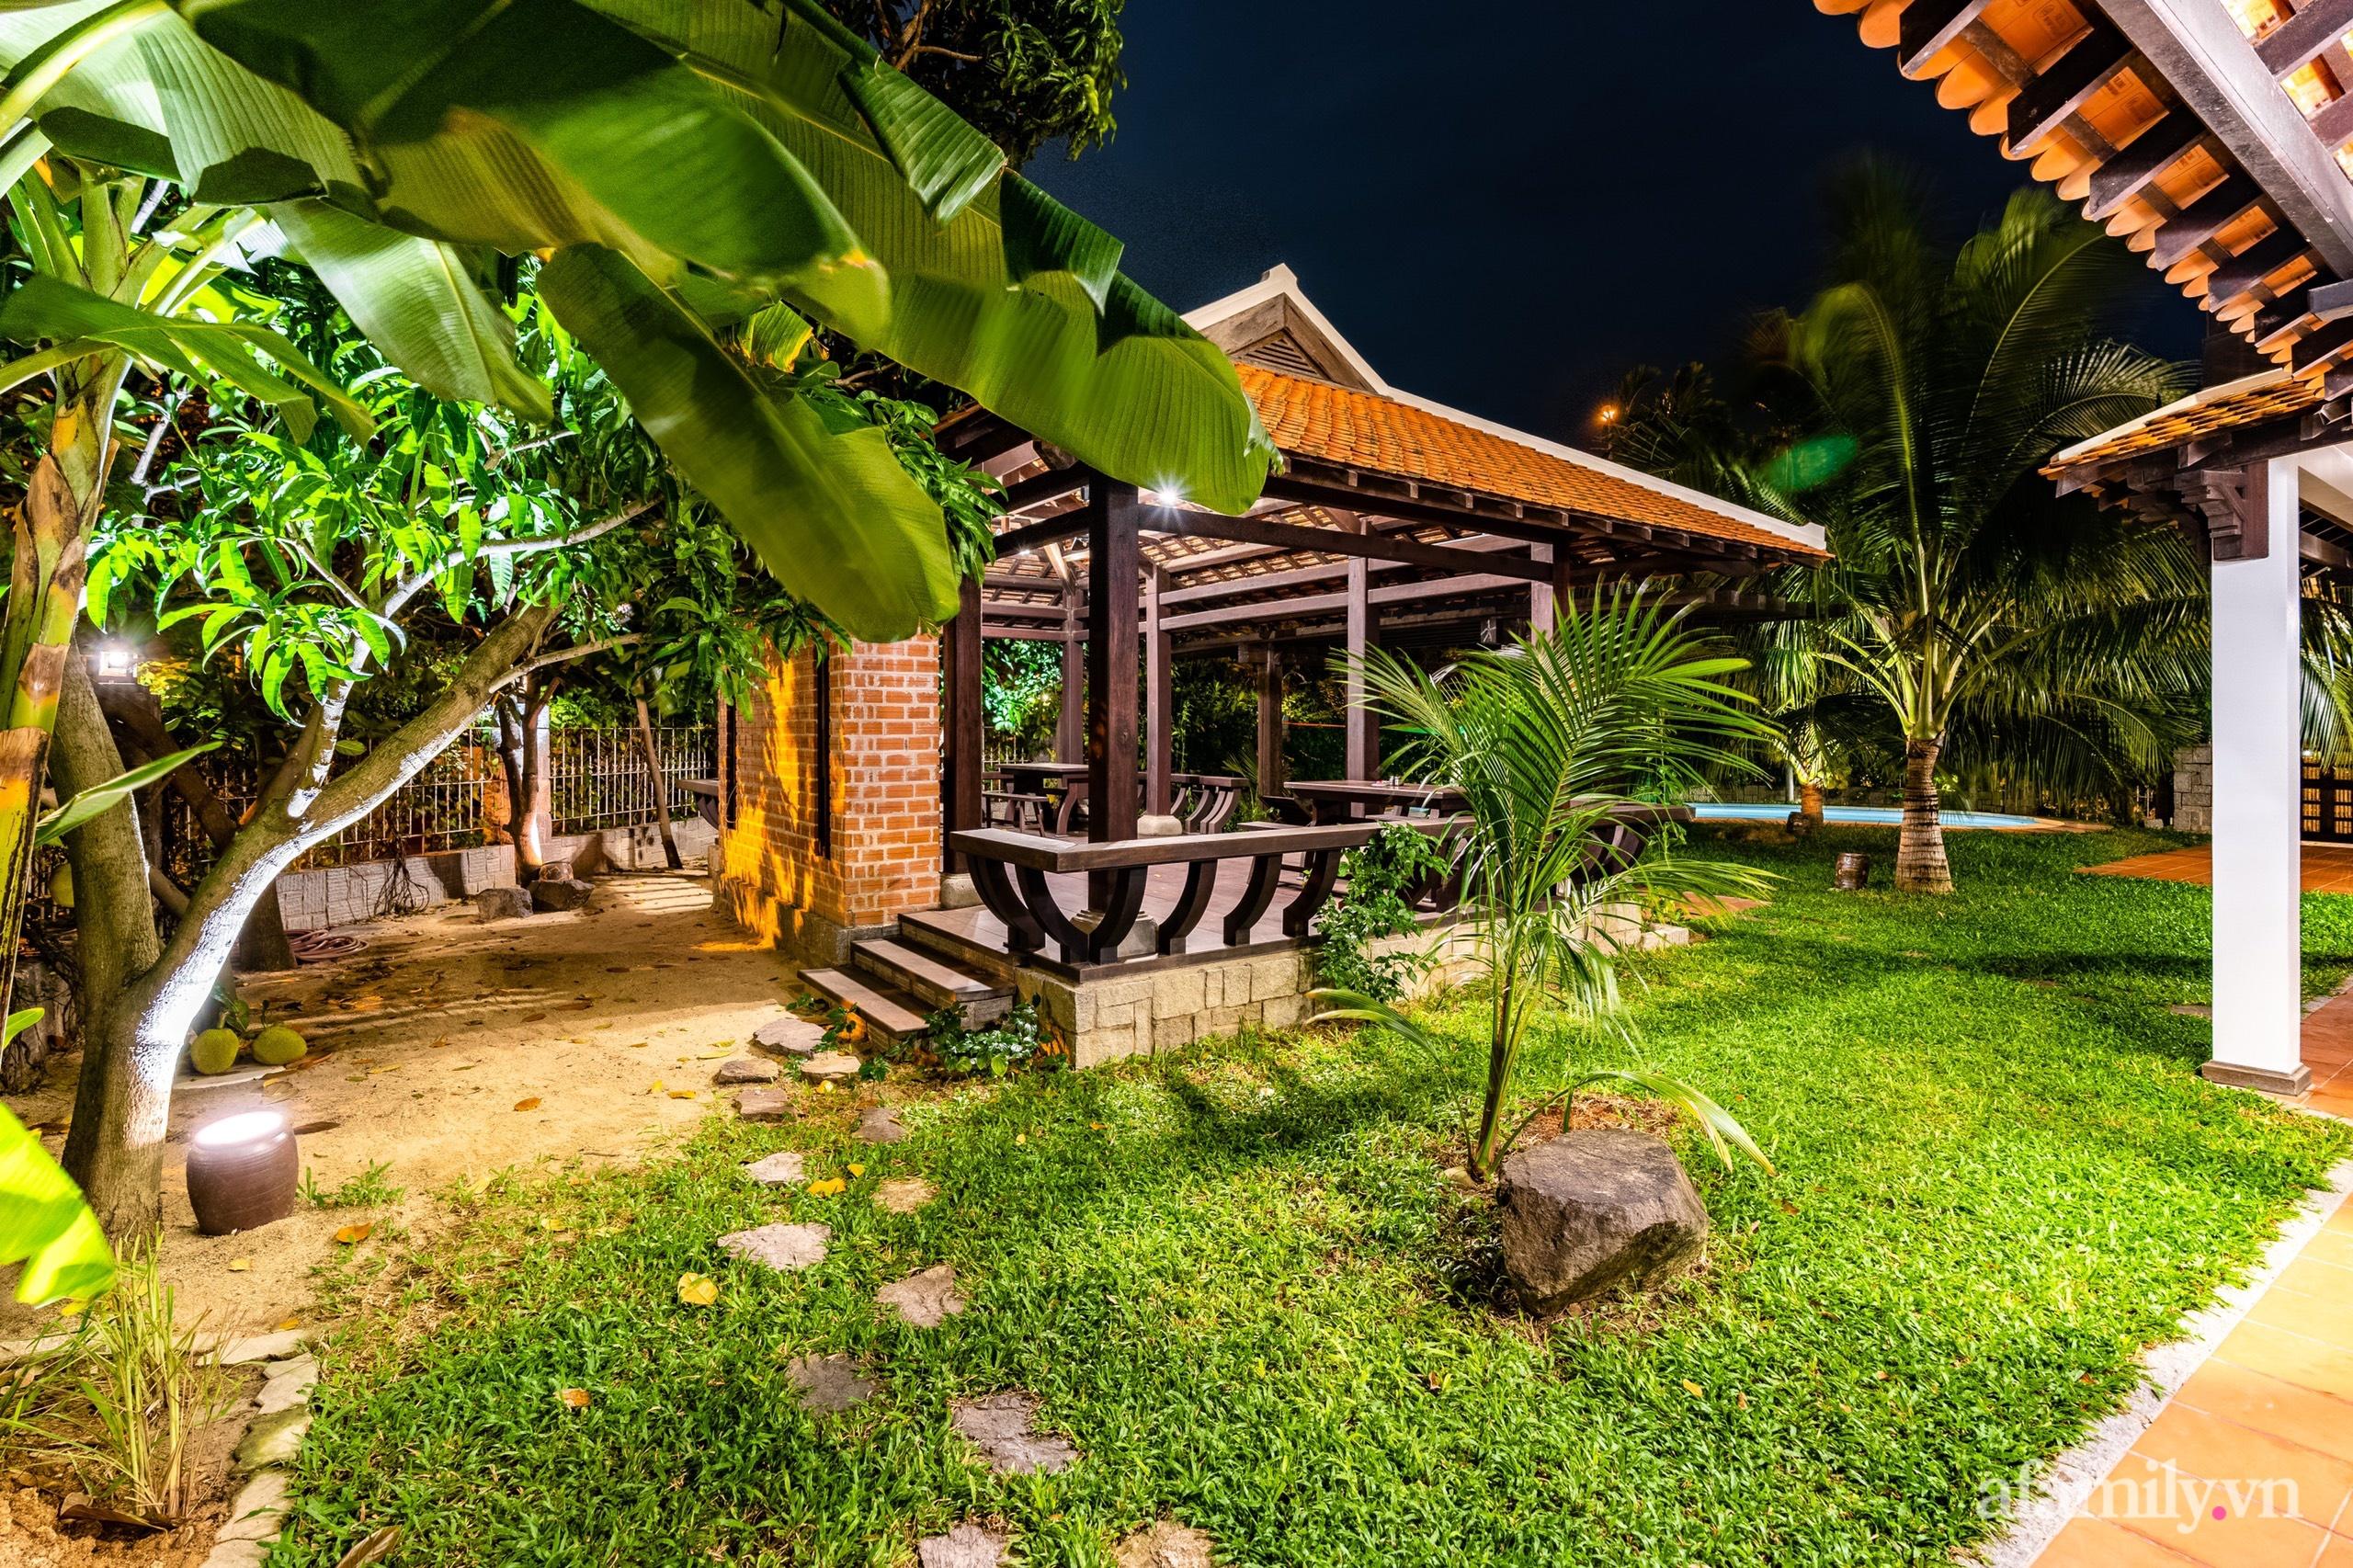 Căn nhà vườn xây 10 năm vẫn đẹp hút mắt với nội thất gỗ và cây xanh quanh nhà ở Nha Trang-9